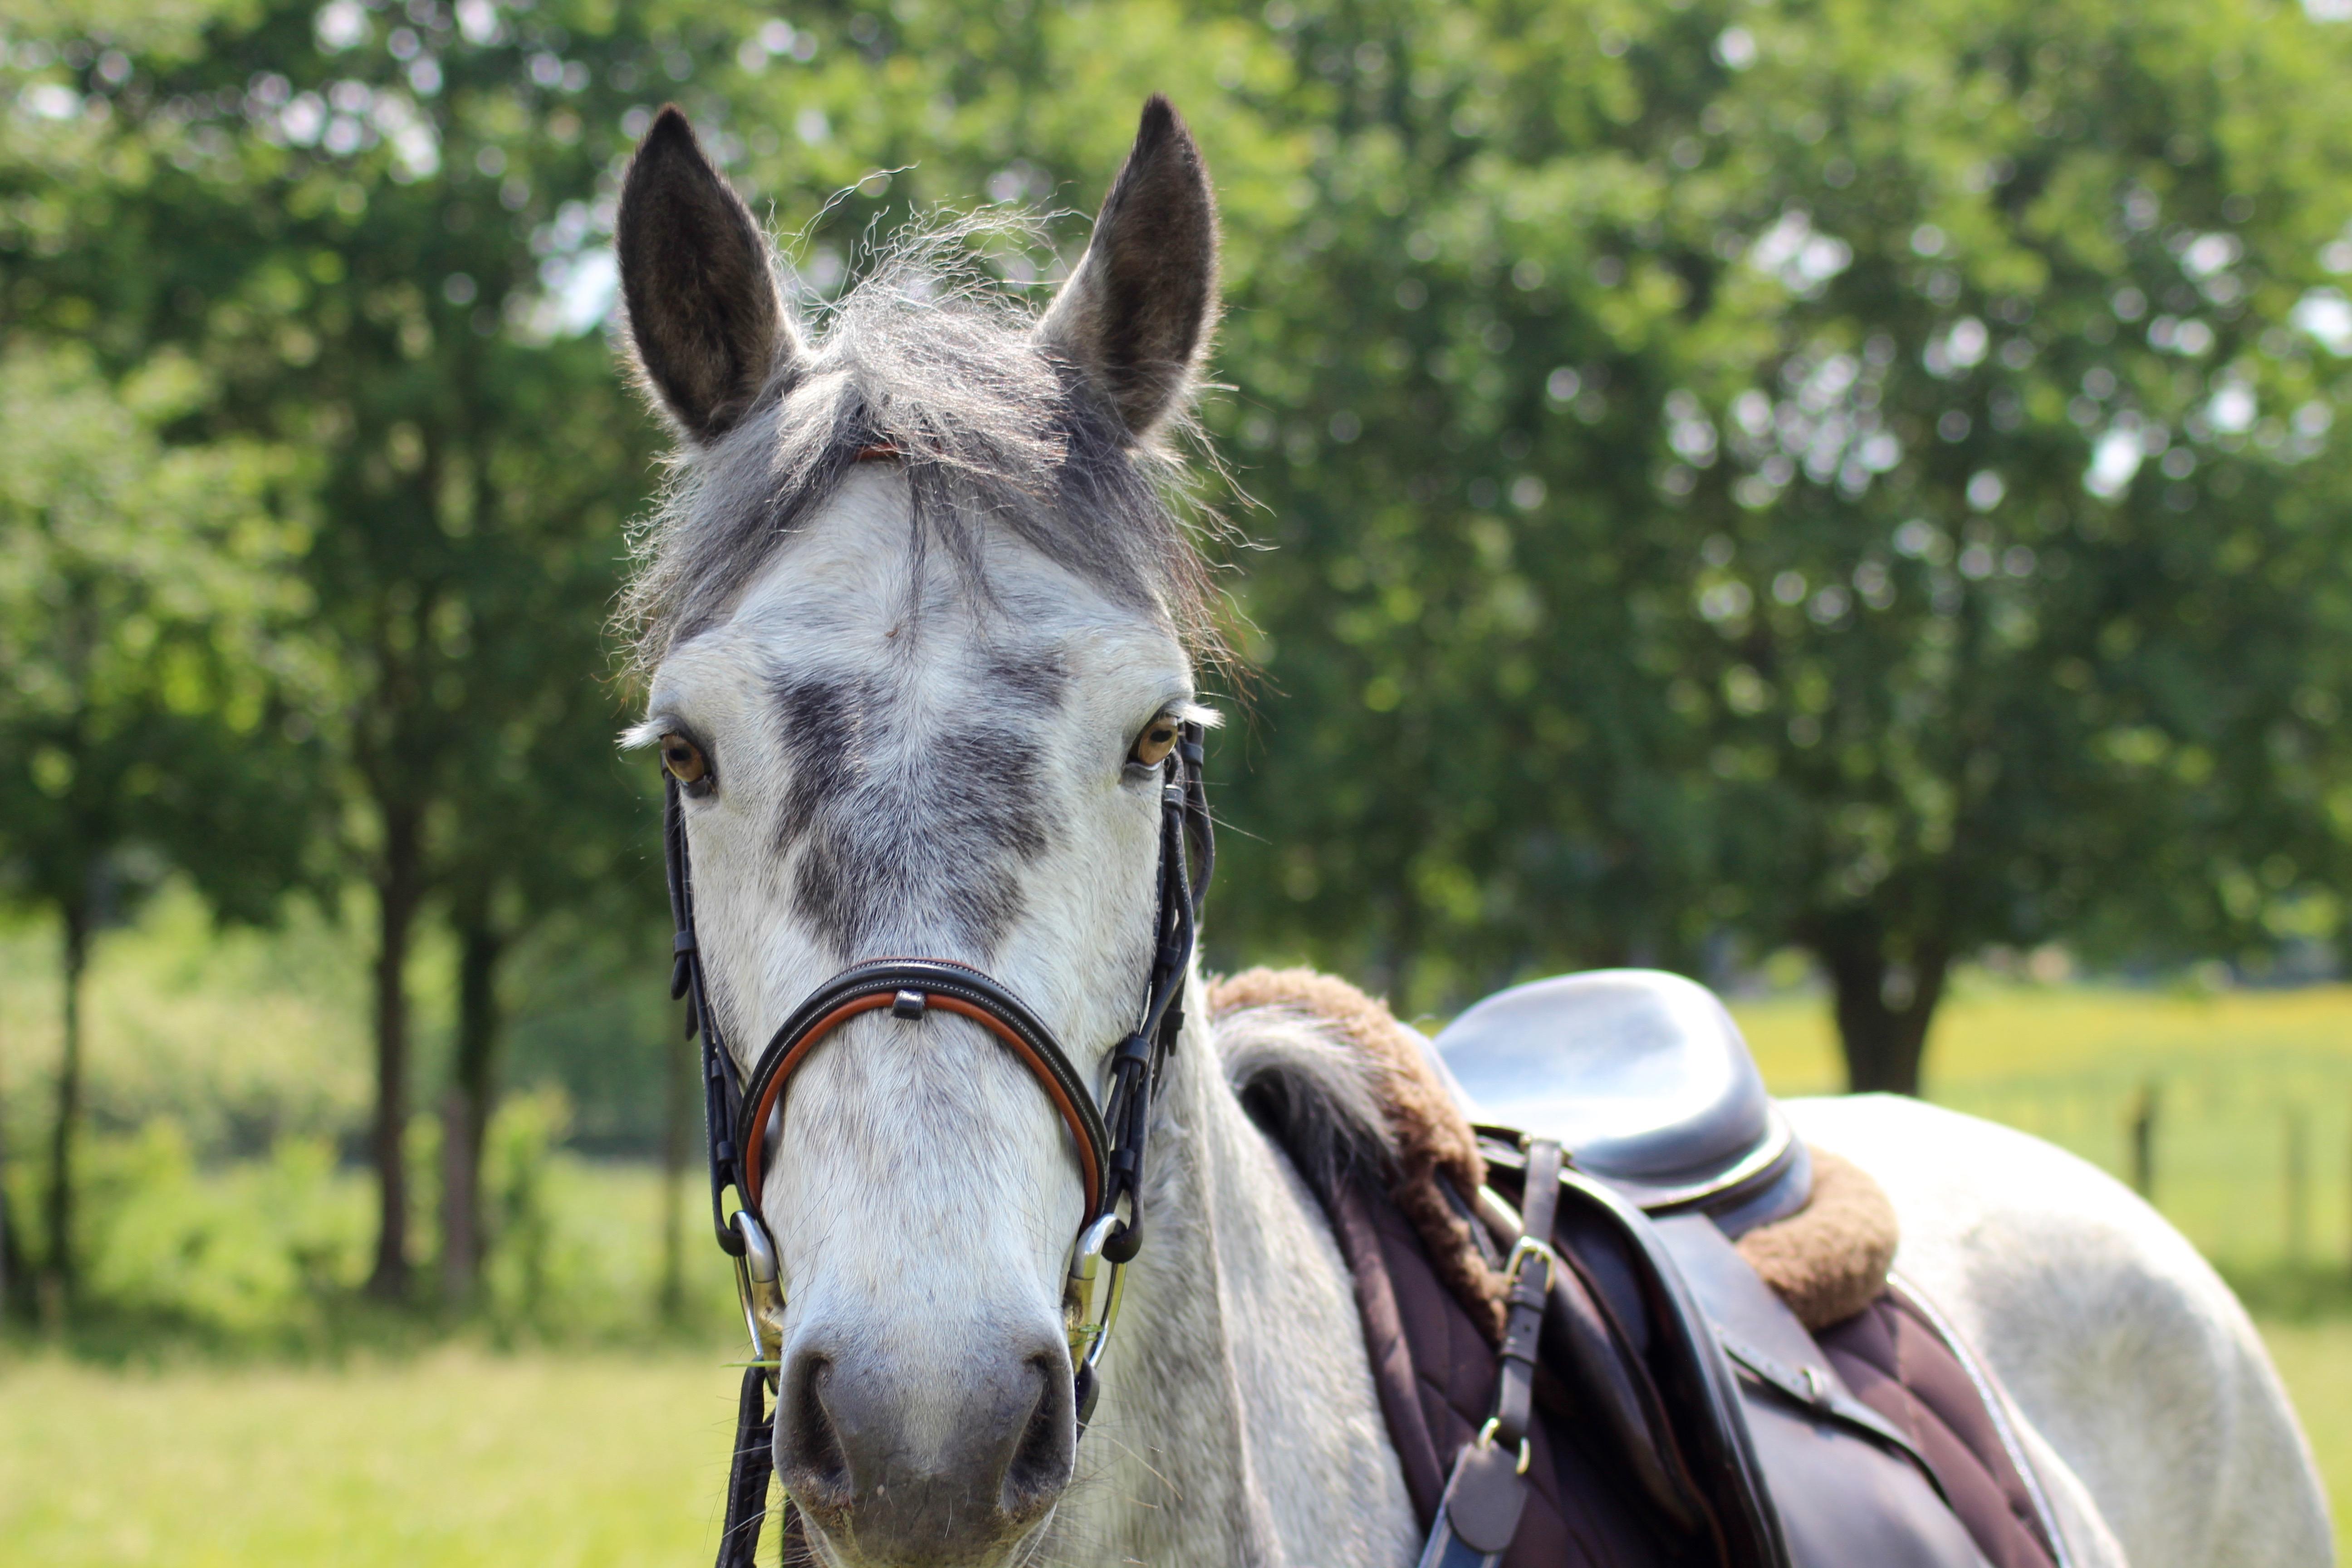 Les_Petites_Écuries_actualité_concours_poney_équitation_galluis_78_12